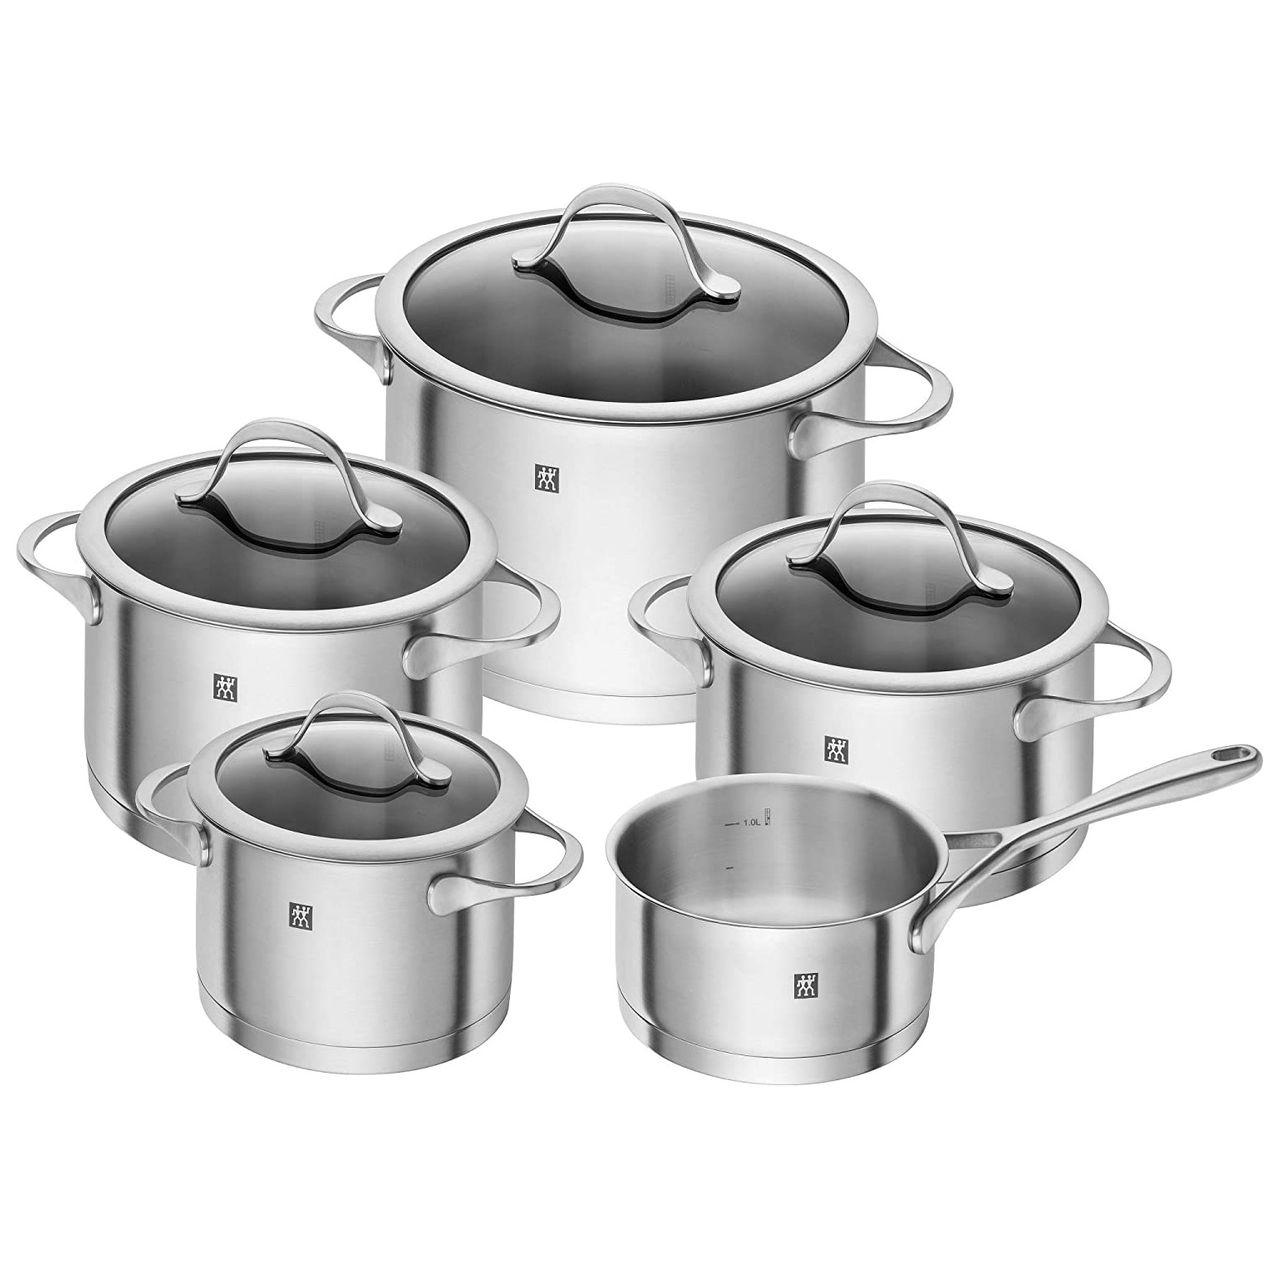 سرویس پخت و پز 9 پارچه زولینگ مدل Essence